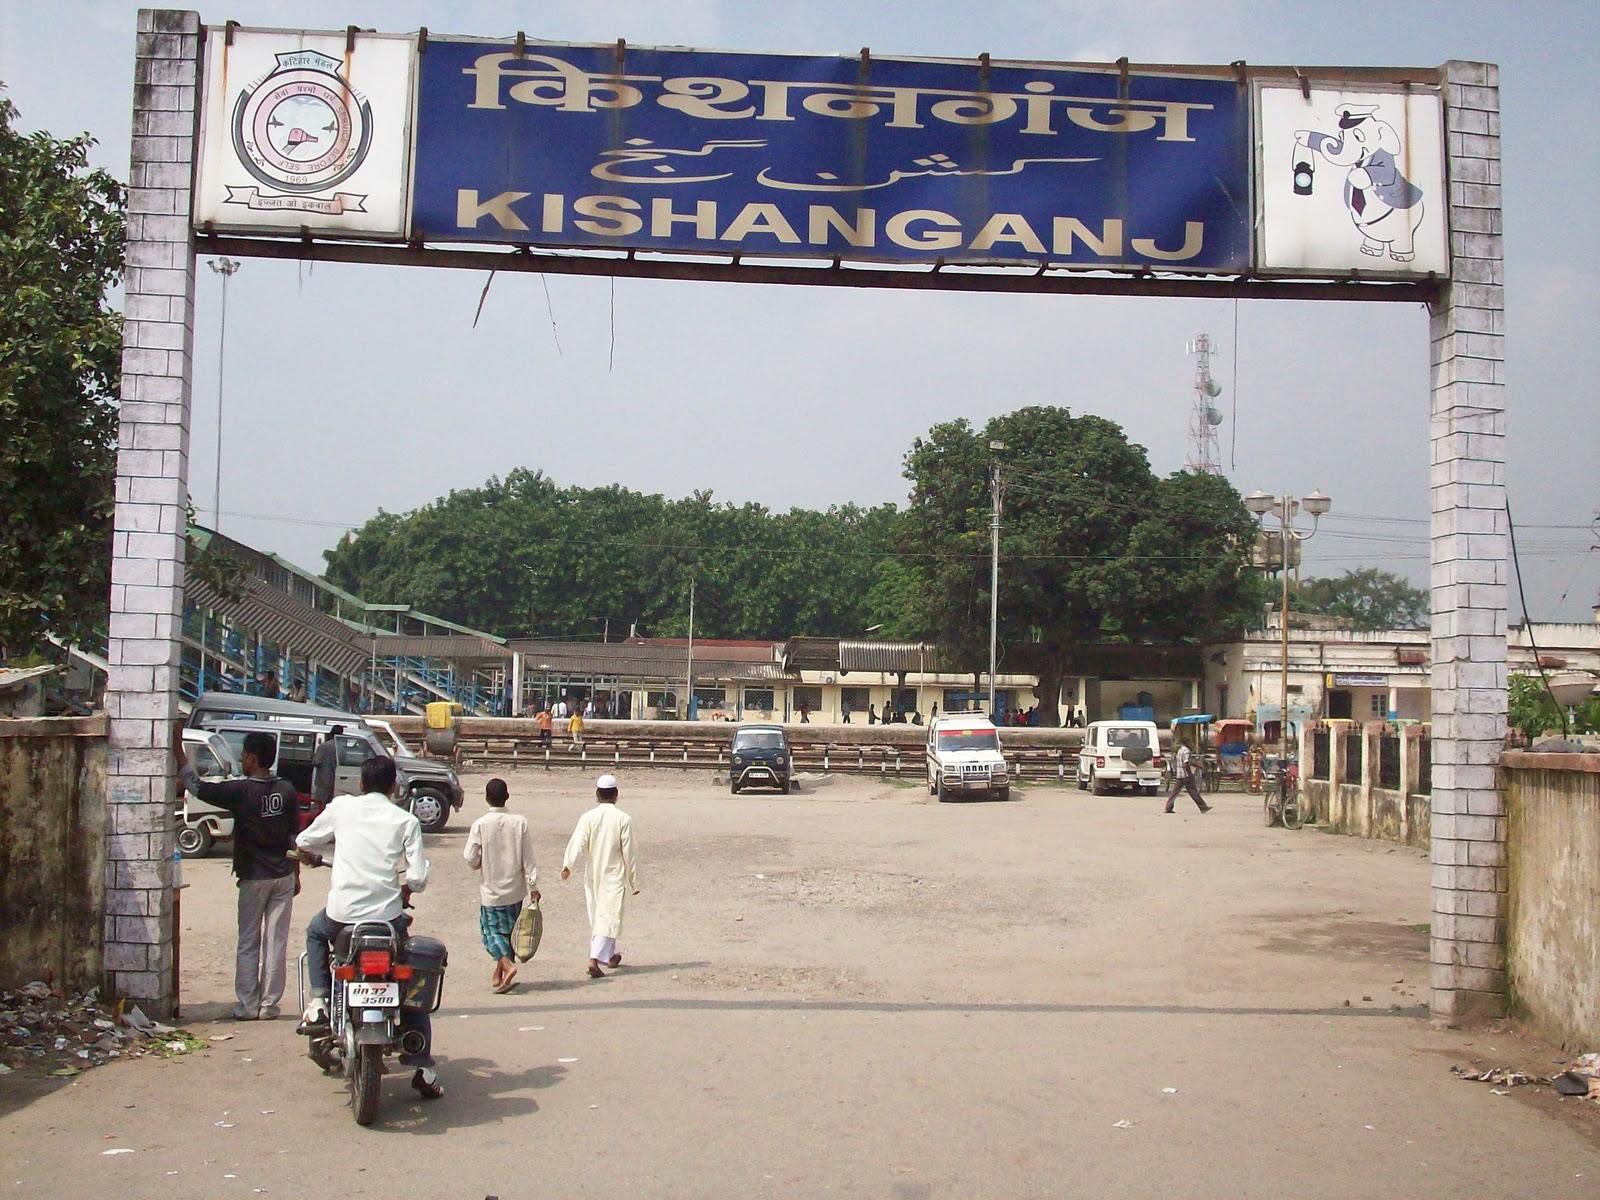 Kishanganjbihar Com Kishanganj Railway Station